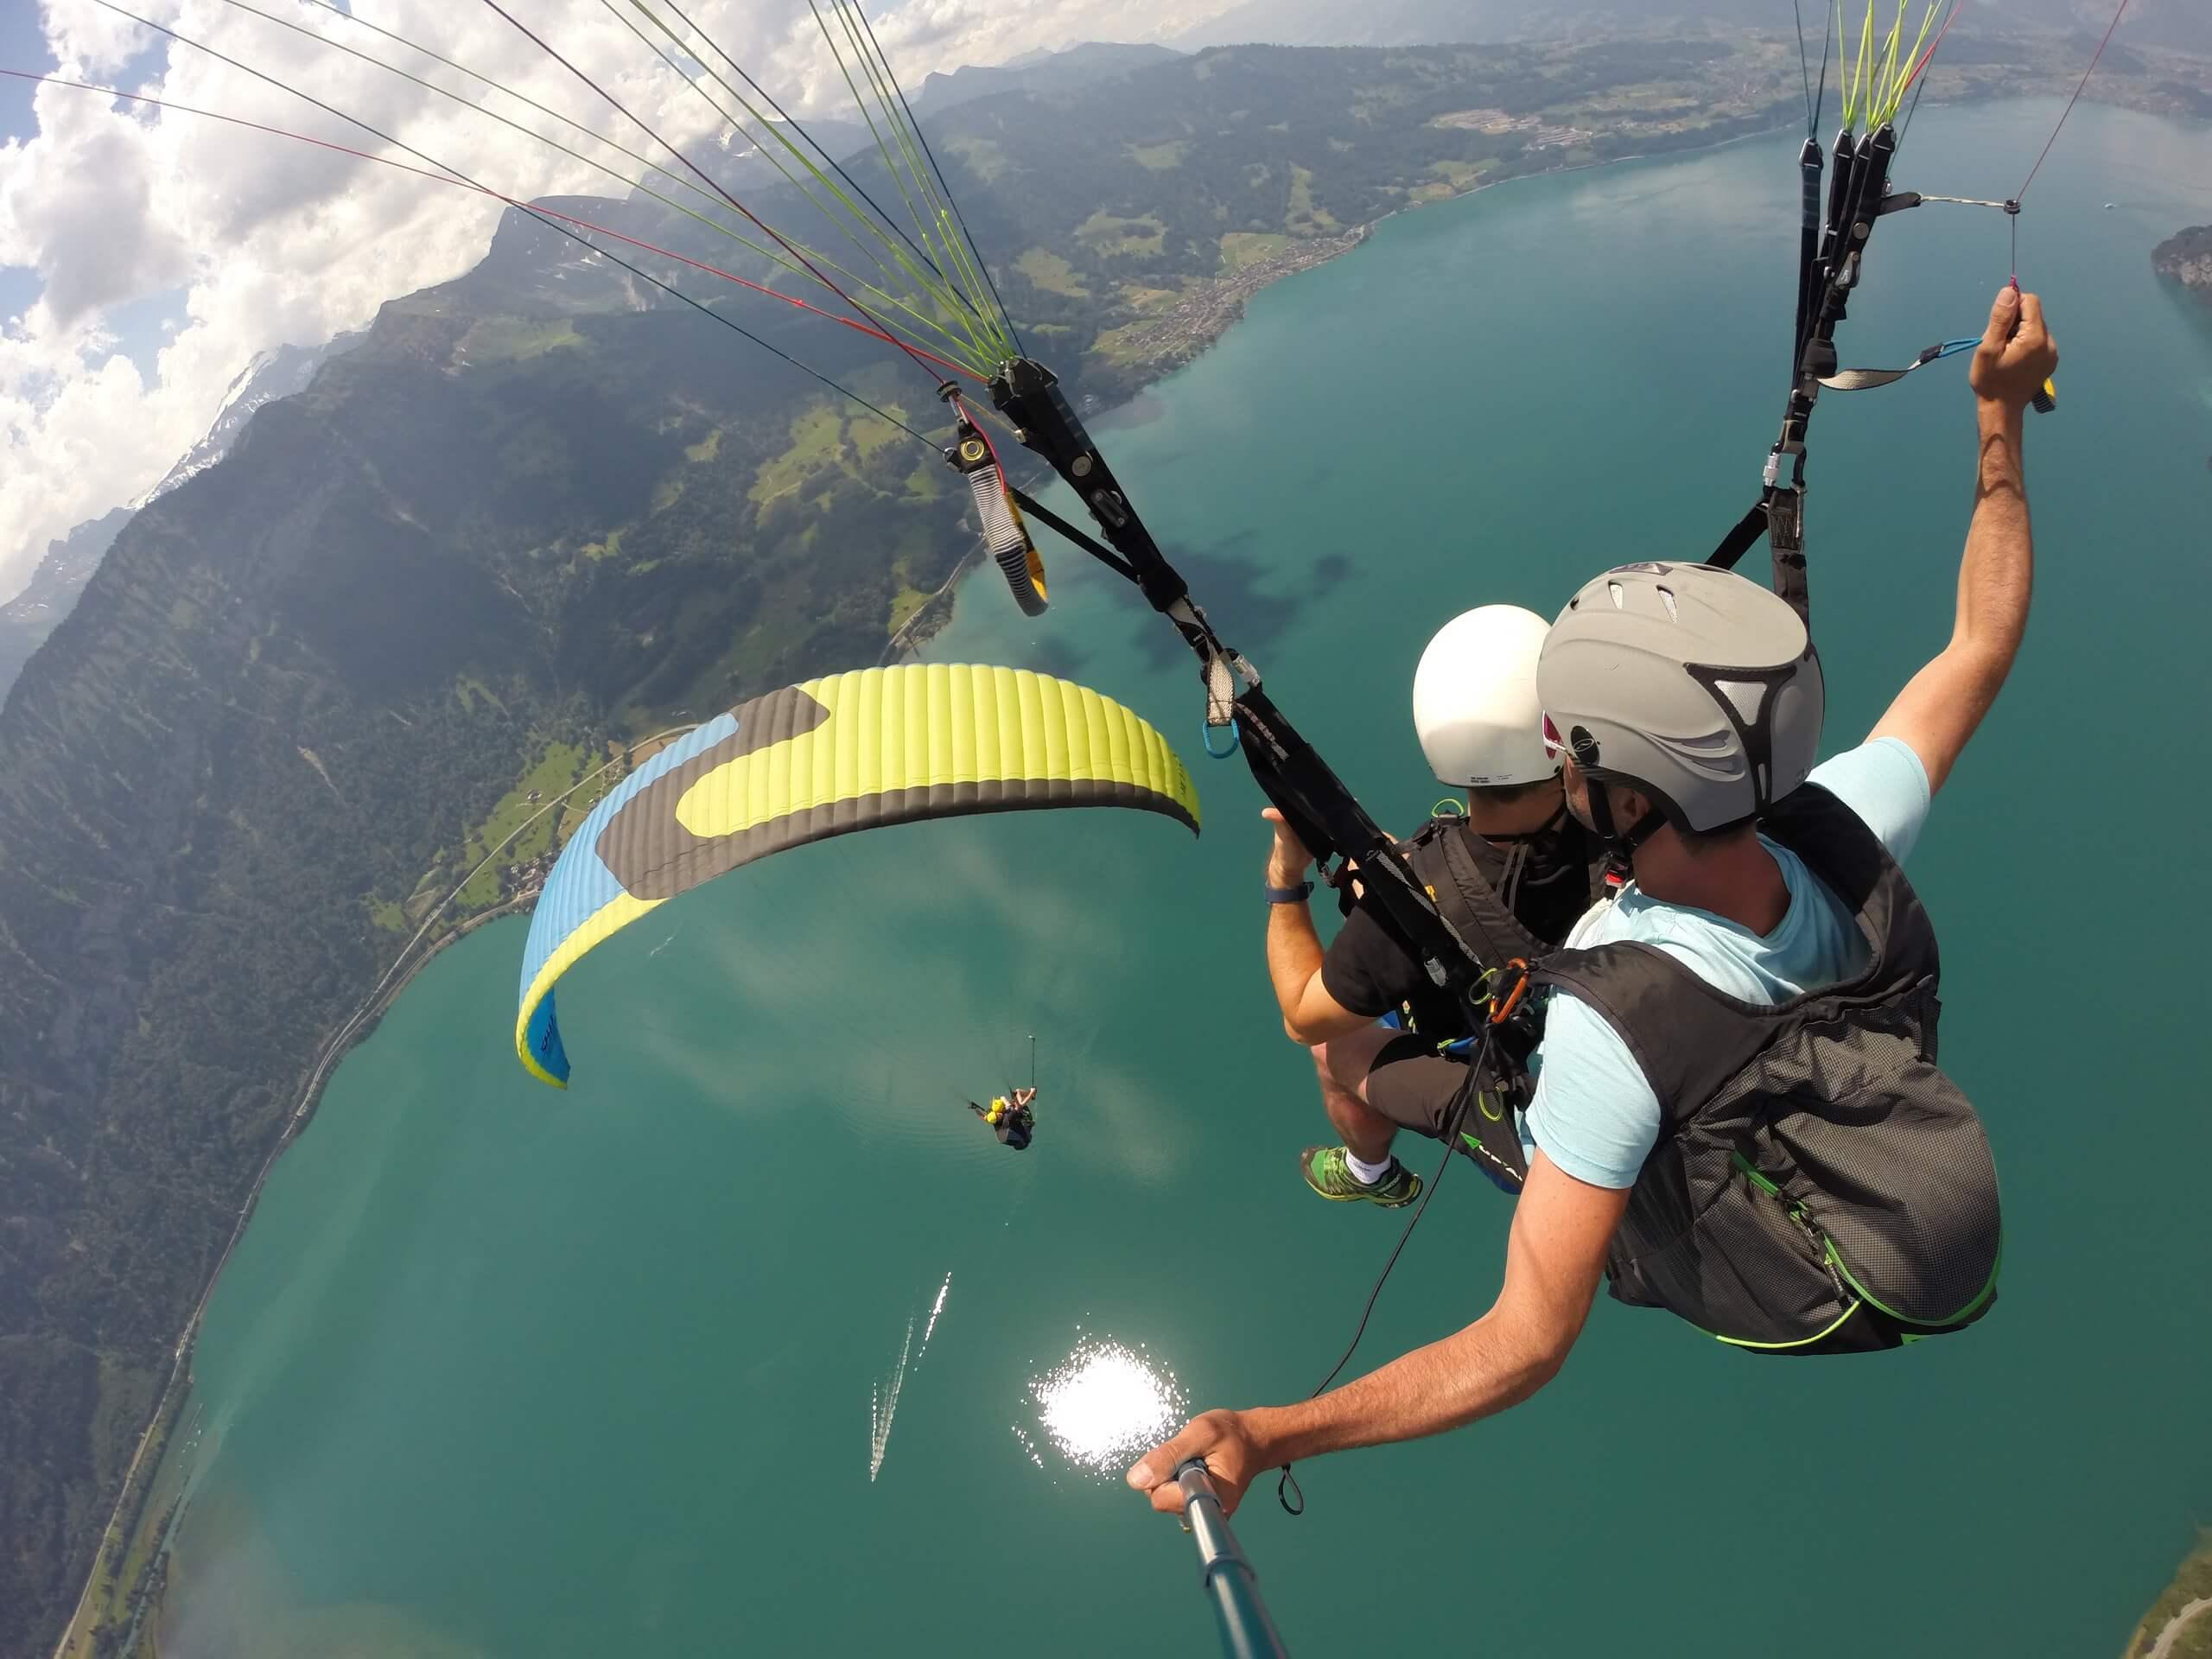 interlaken-twin-paragliding-seen-panorama